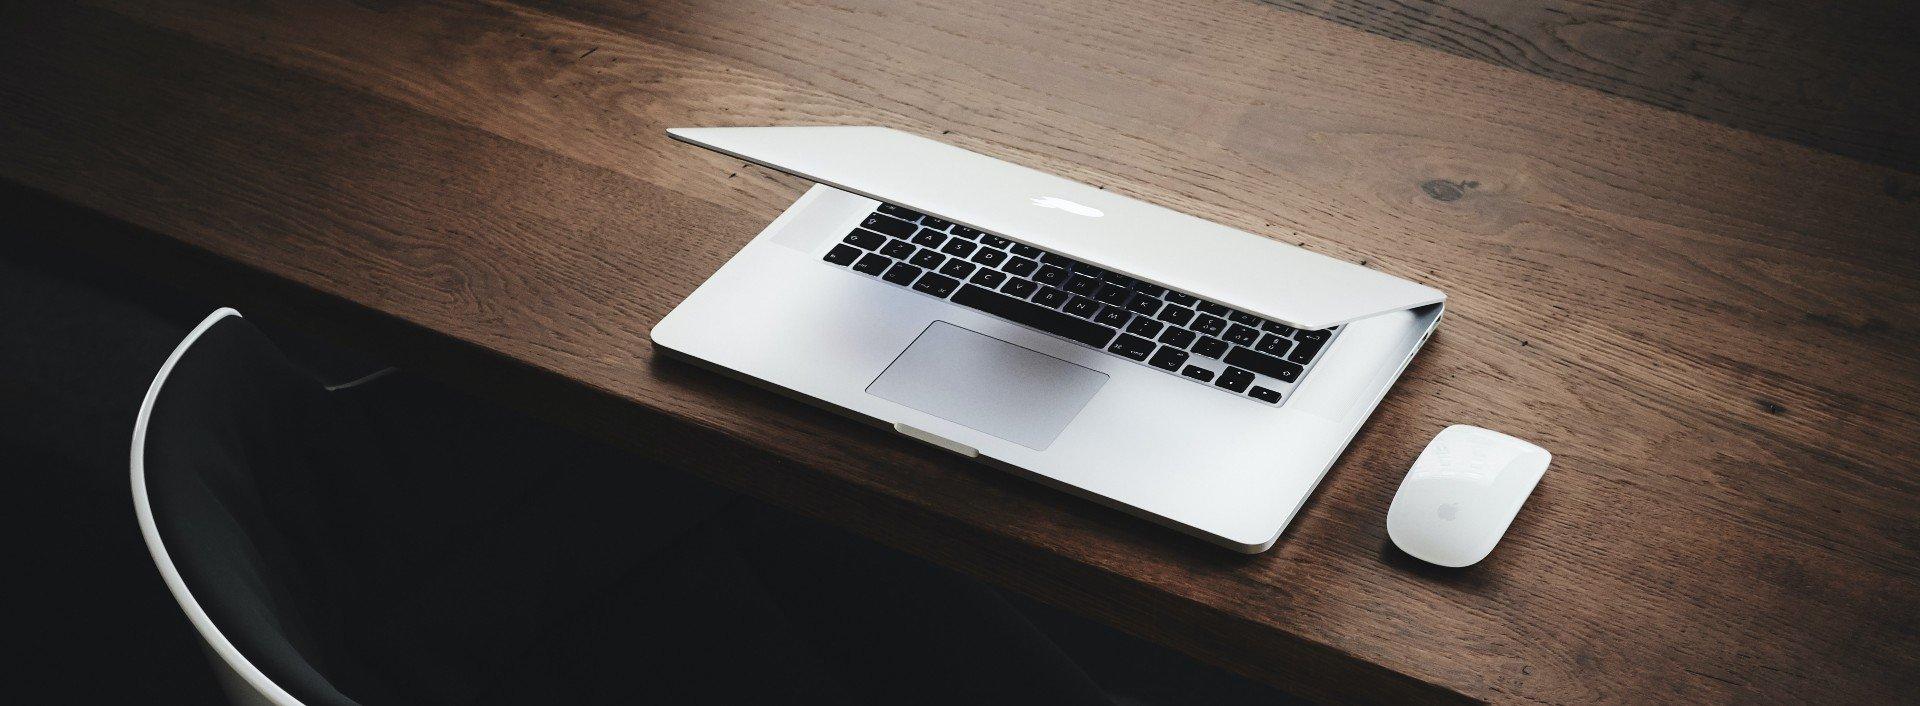 Auszeit von der Arbeit: Auf einem braunen Holztisch liegt ein halb zugeklappter Laptop.